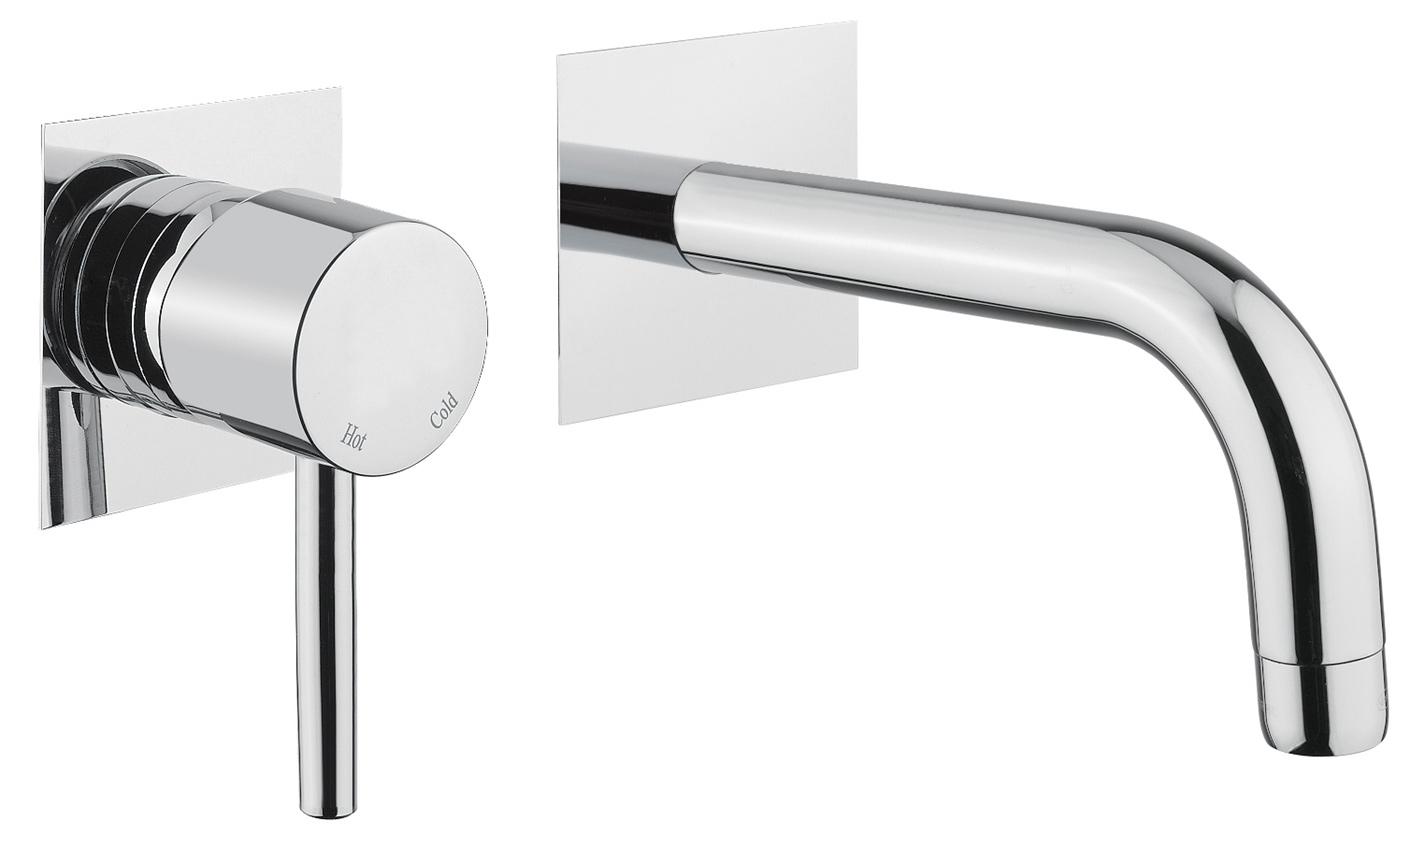 Delo - miscelatore da lavabo a parete 2 pezzi - TONDA cod. 3021013